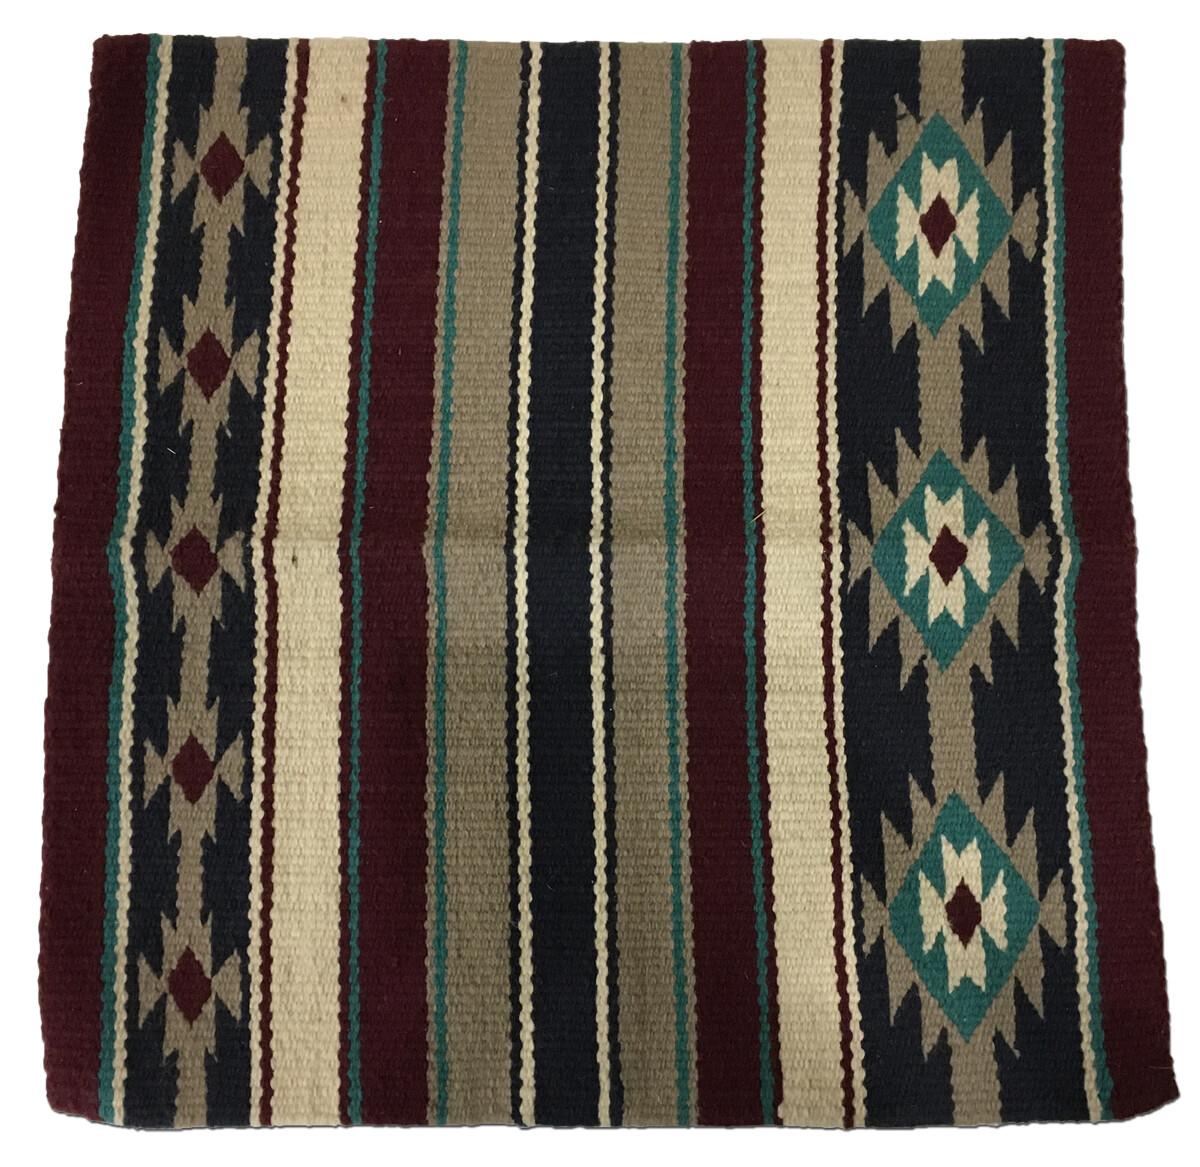 4lb Saddle Blanket #9